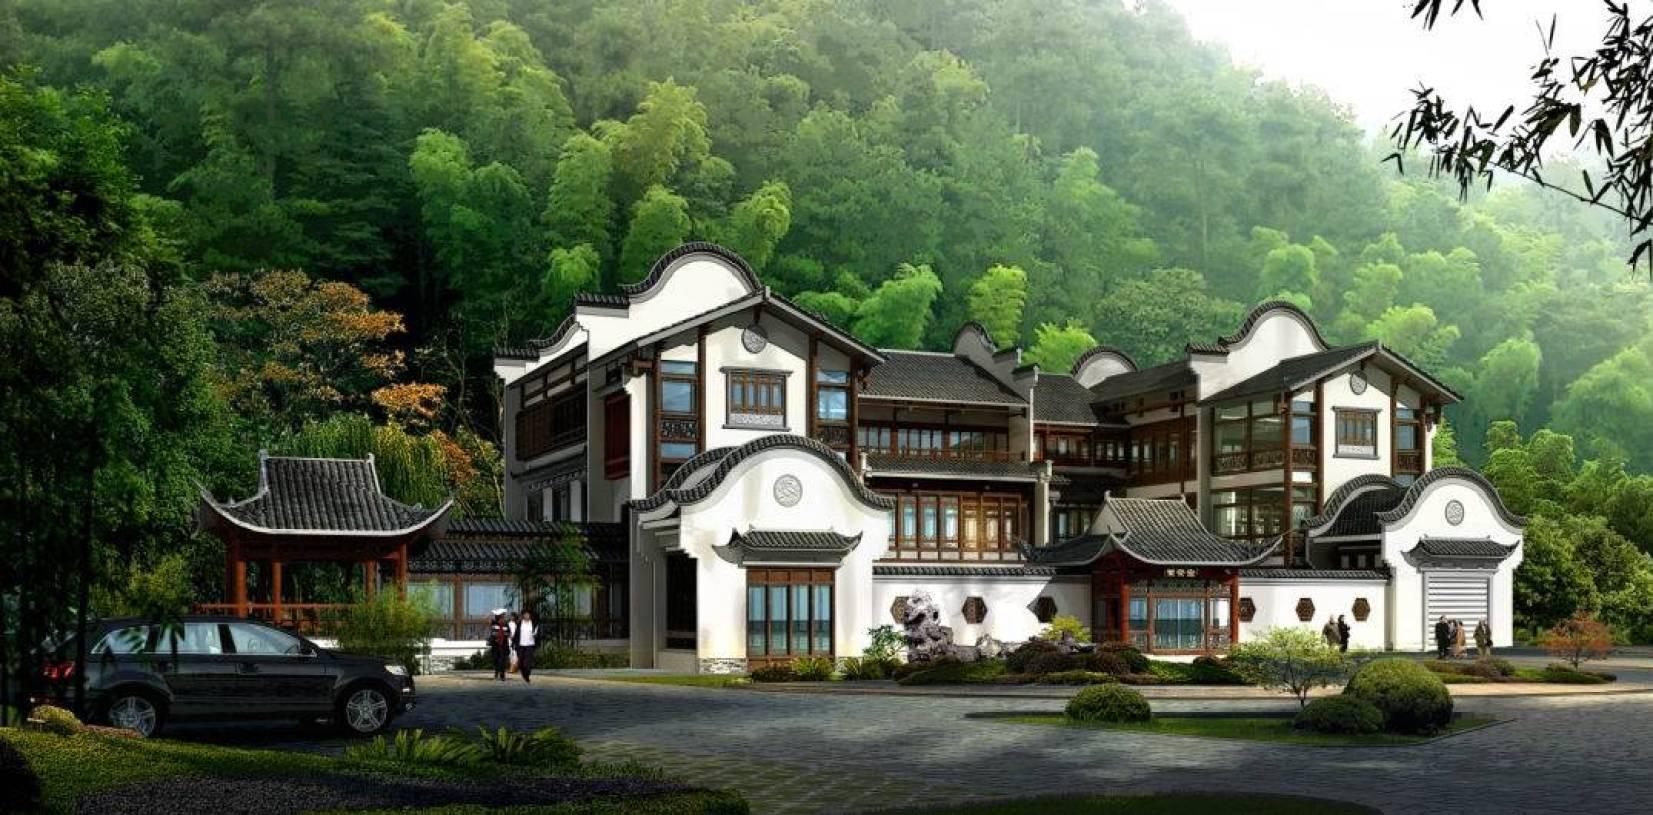 中式风格四合院别墅户外效果图